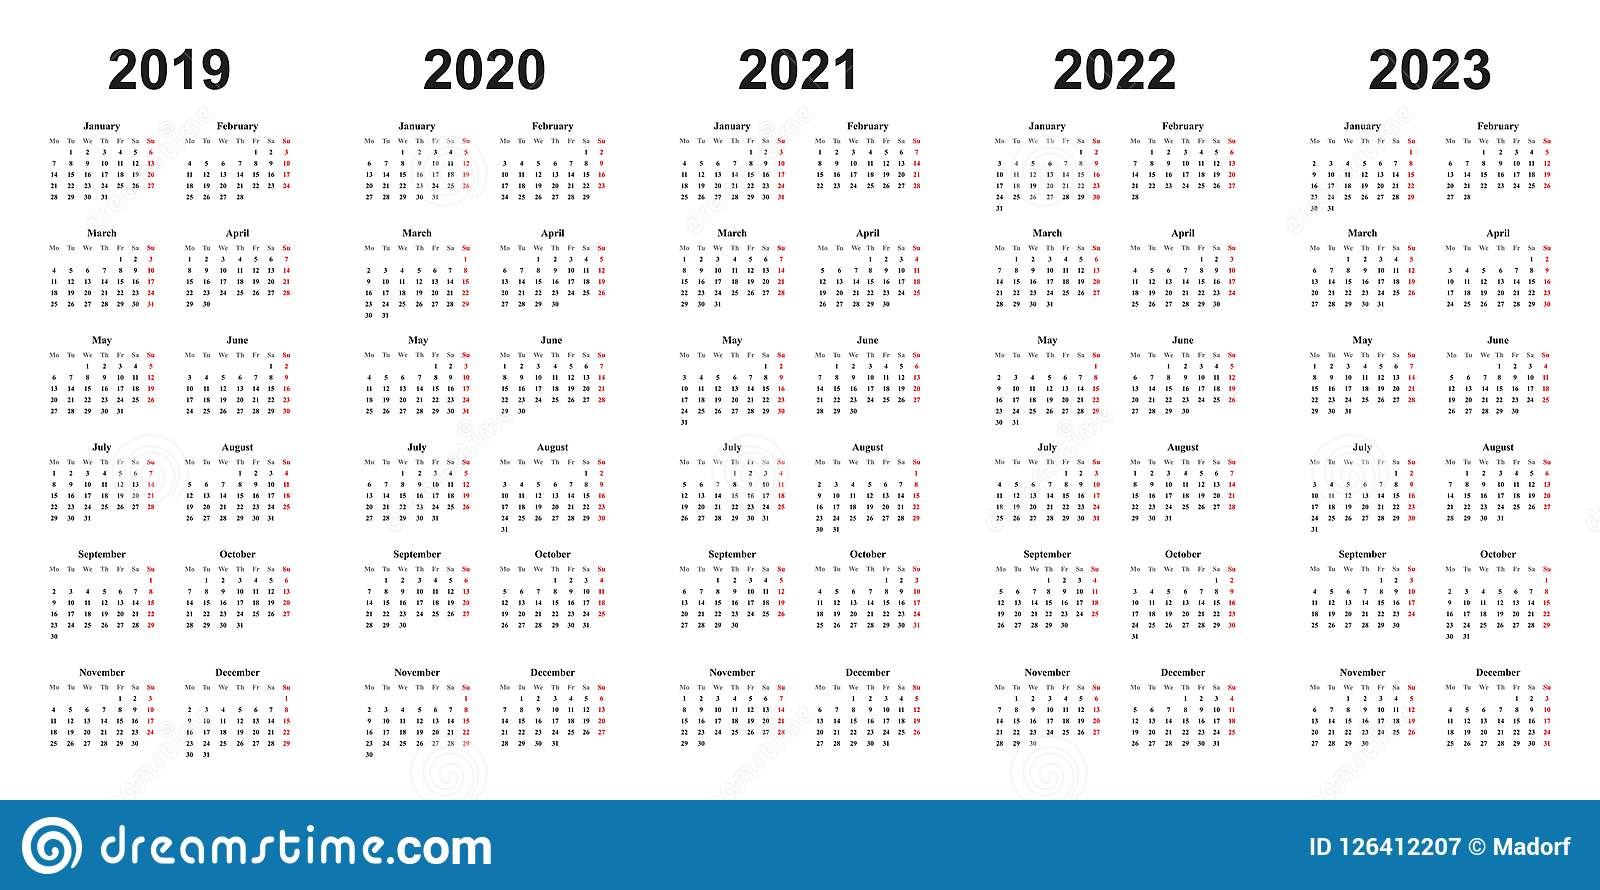 Calendrier 2019 Et 2022 Calendrier De Conception Simple Avec Des Années 2019, 2020, 2021